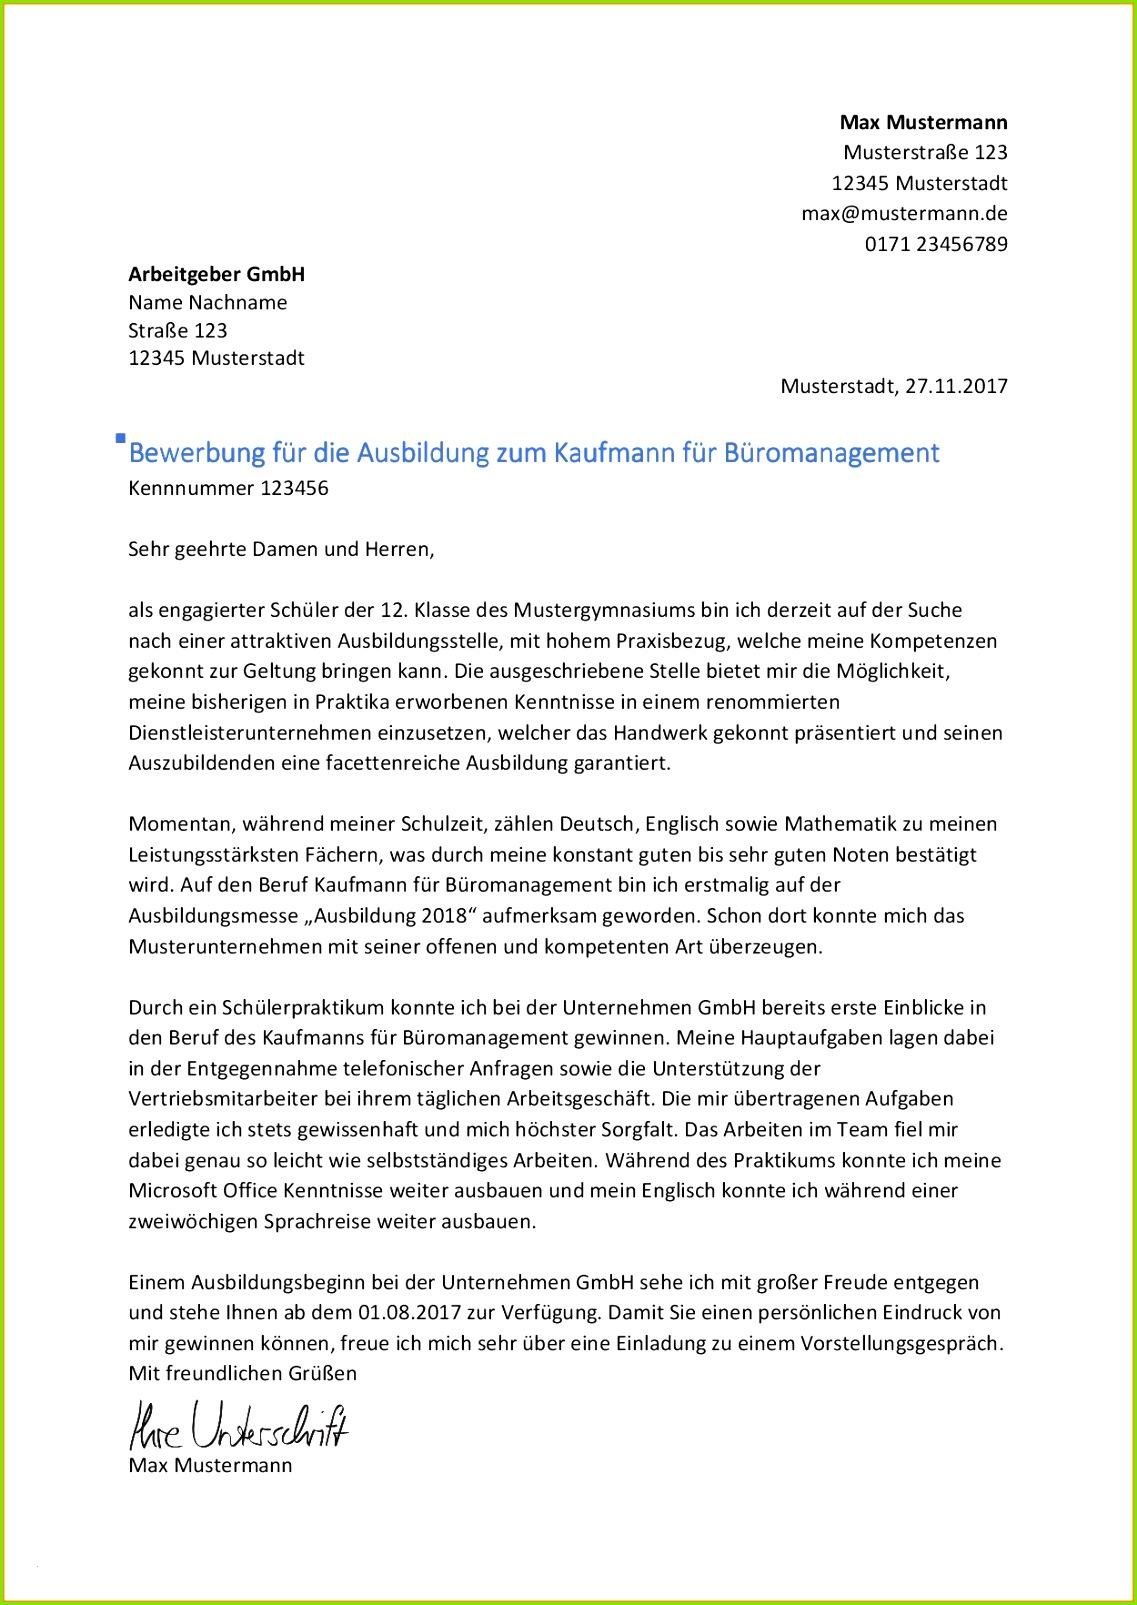 Bewerbung Kauffrau Büromanagement Muster Schön 8 Ausbildung Luxus Bewerbung Kauffrau Im Gesundheitswesen Muster